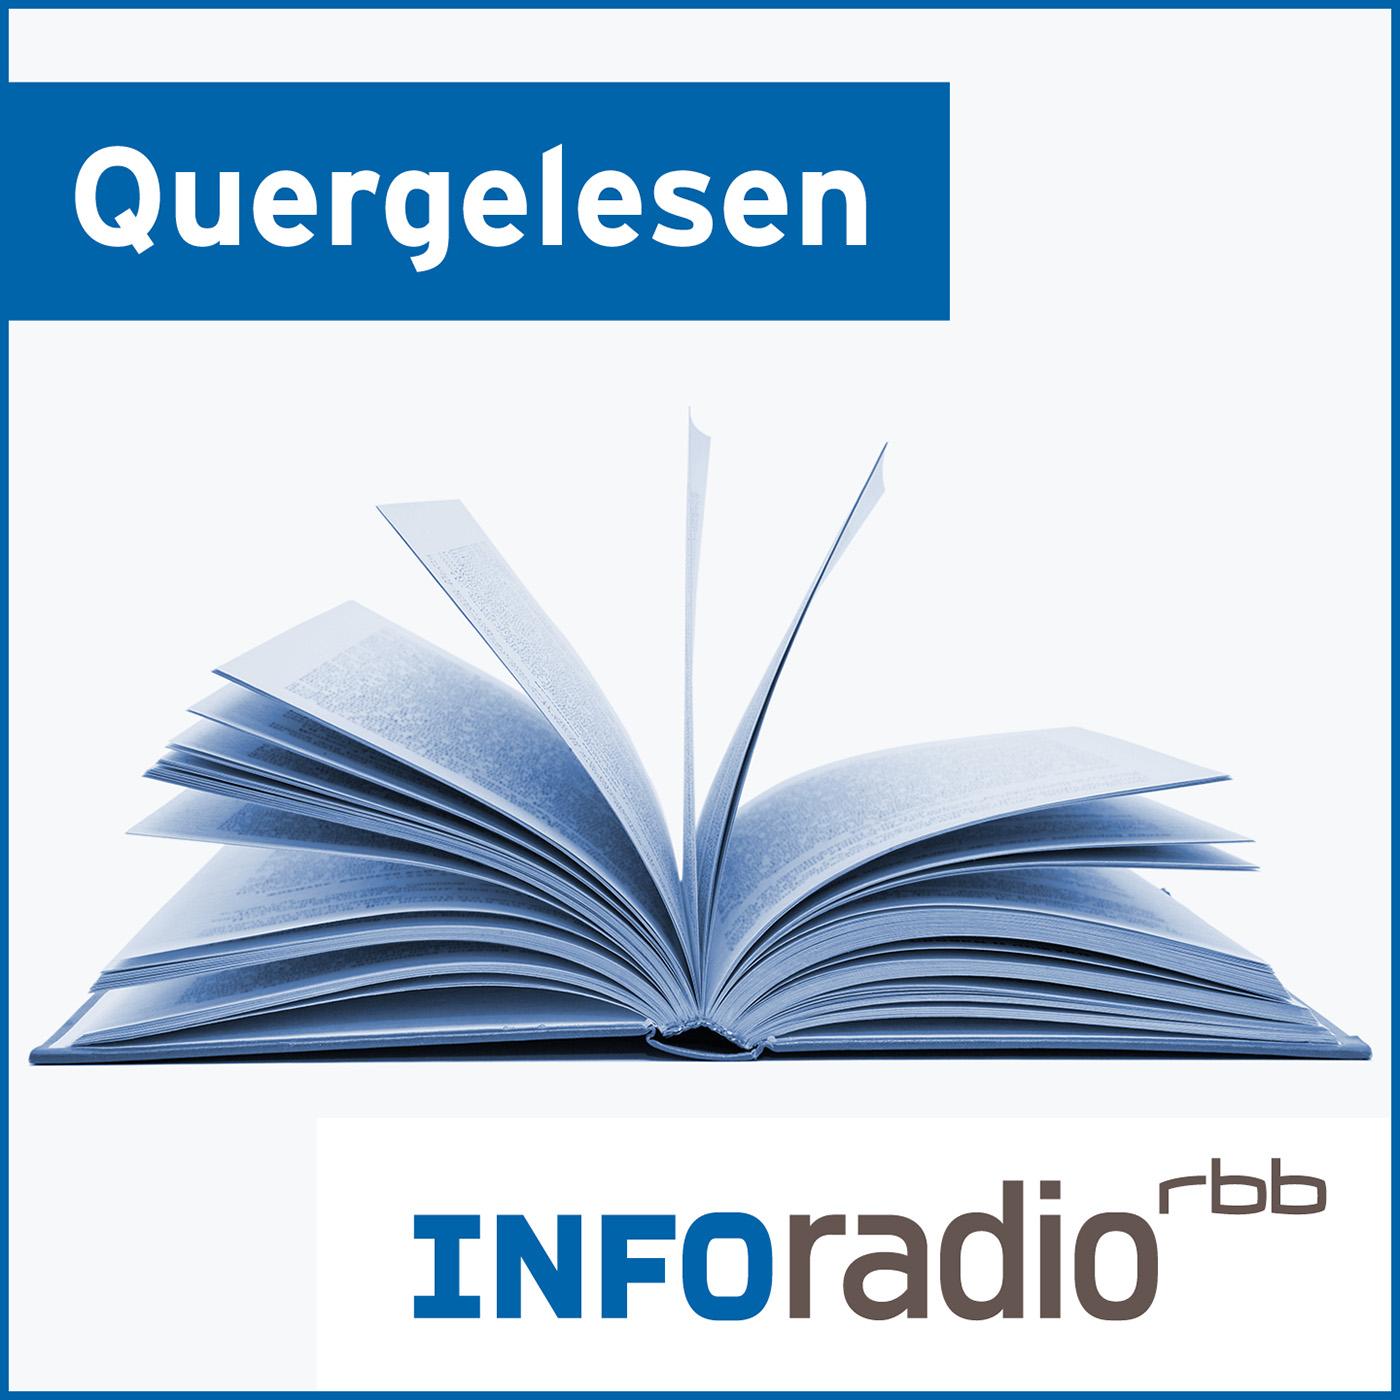 Quergelesen | Inforadio